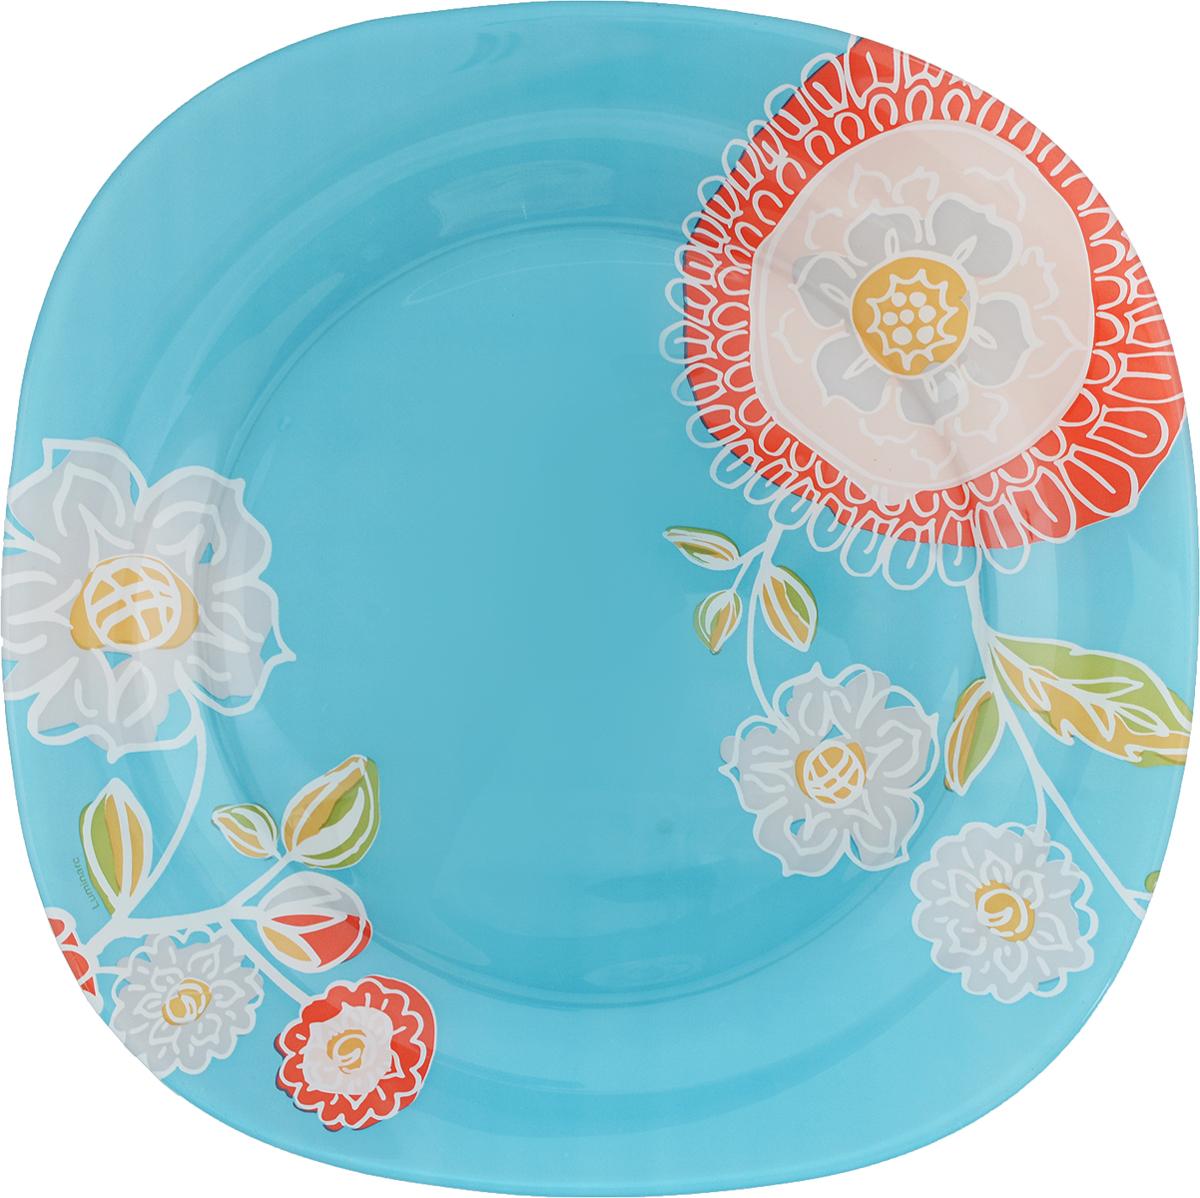 Тарелка обеденная Luminarc Silene Glass, 25 х 25 смJ7555Обеденная тарелка Luminarc Silene Glass изготовлена из высококачественного стекла. Изделие сочетает в себе изысканный дизайн с максимальной функциональностью. Тарелка прекрасно впишется в интерьер вашей кухни и станет достойным дополнением к кухонному инвентарю. Такое изделие не только украсит ваш кухонный стол и подчеркнет прекрасный вкус хозяйки, но истанет отличным подарком.Размер тарелки: 25 х 25 см.Высота тарелки: 1,5 см.